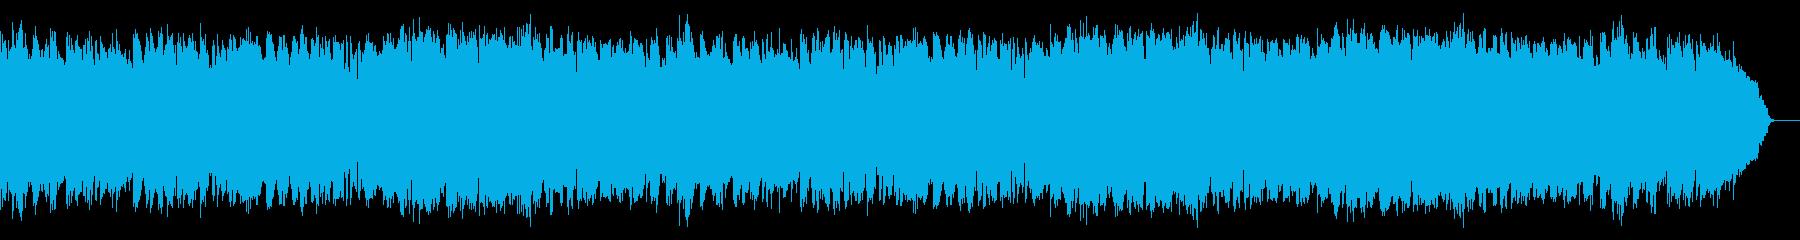 サックスが奏でるしっとりした昭和ポップスの再生済みの波形